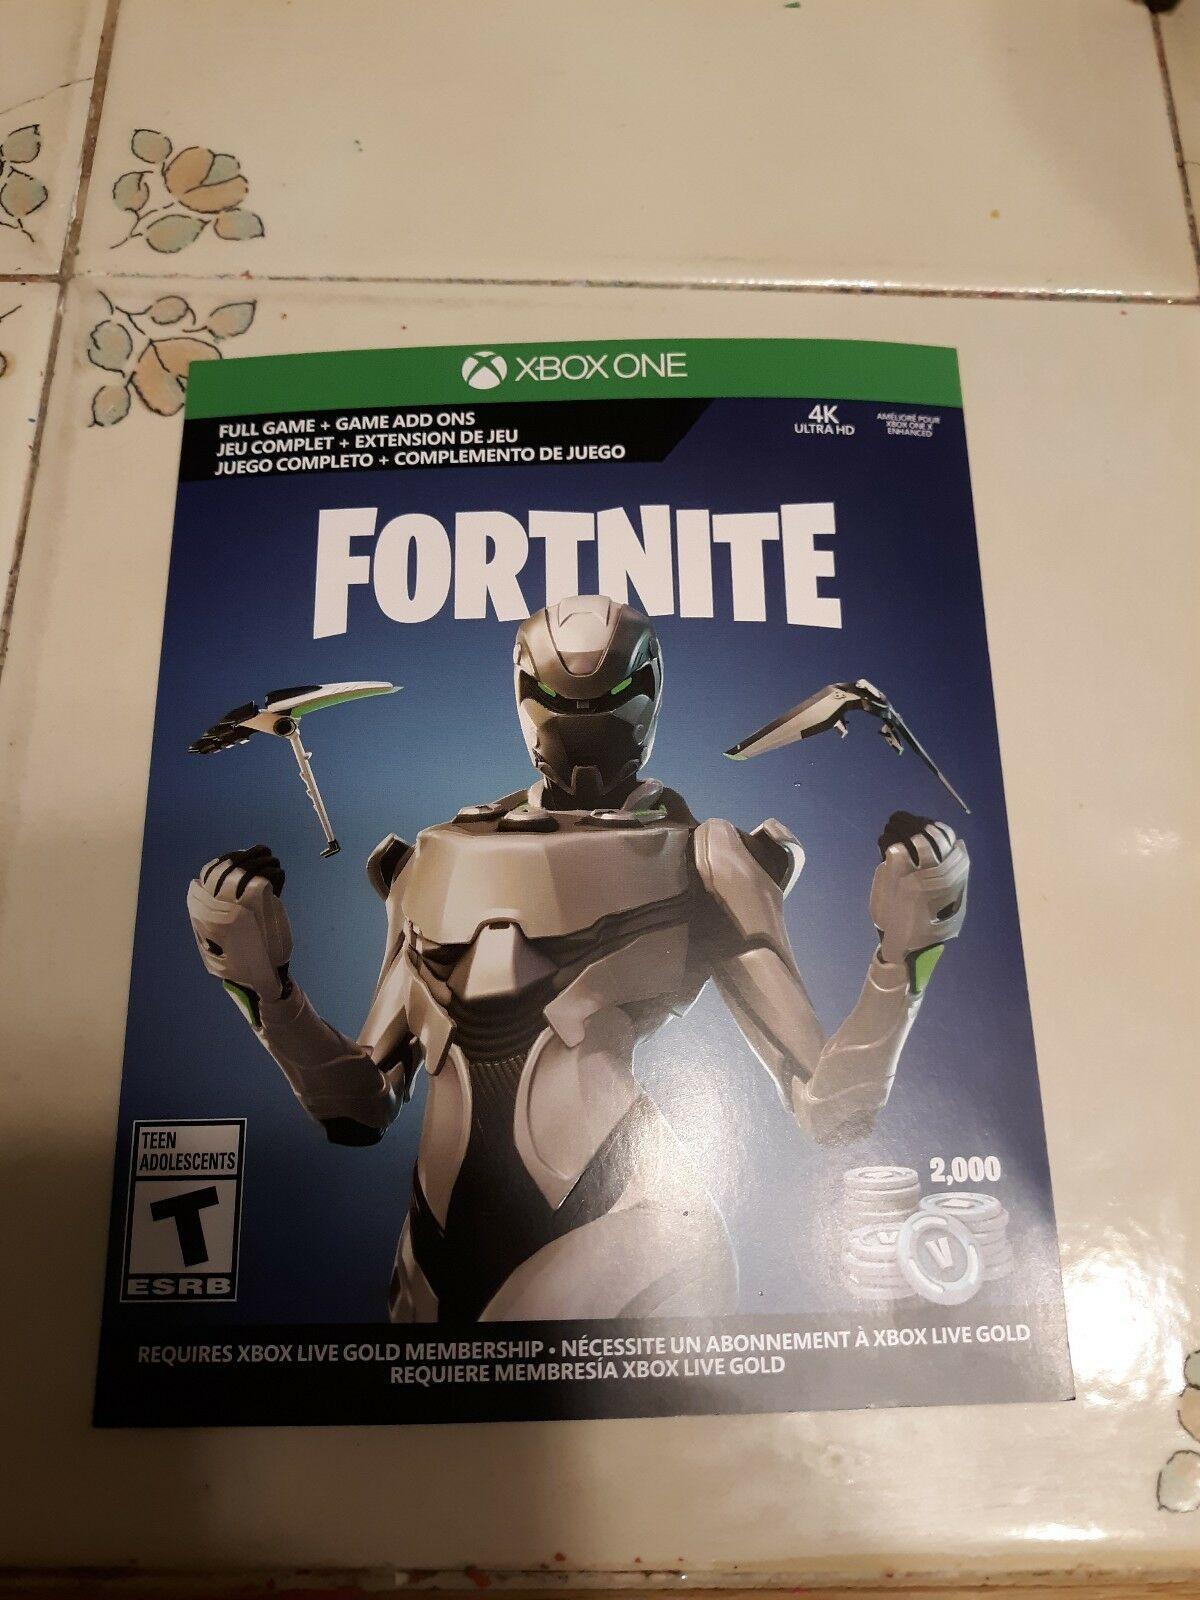 Xbox One Fortnite Full Game Add Ons Eon Cosmetic Set 2000 V Bucks